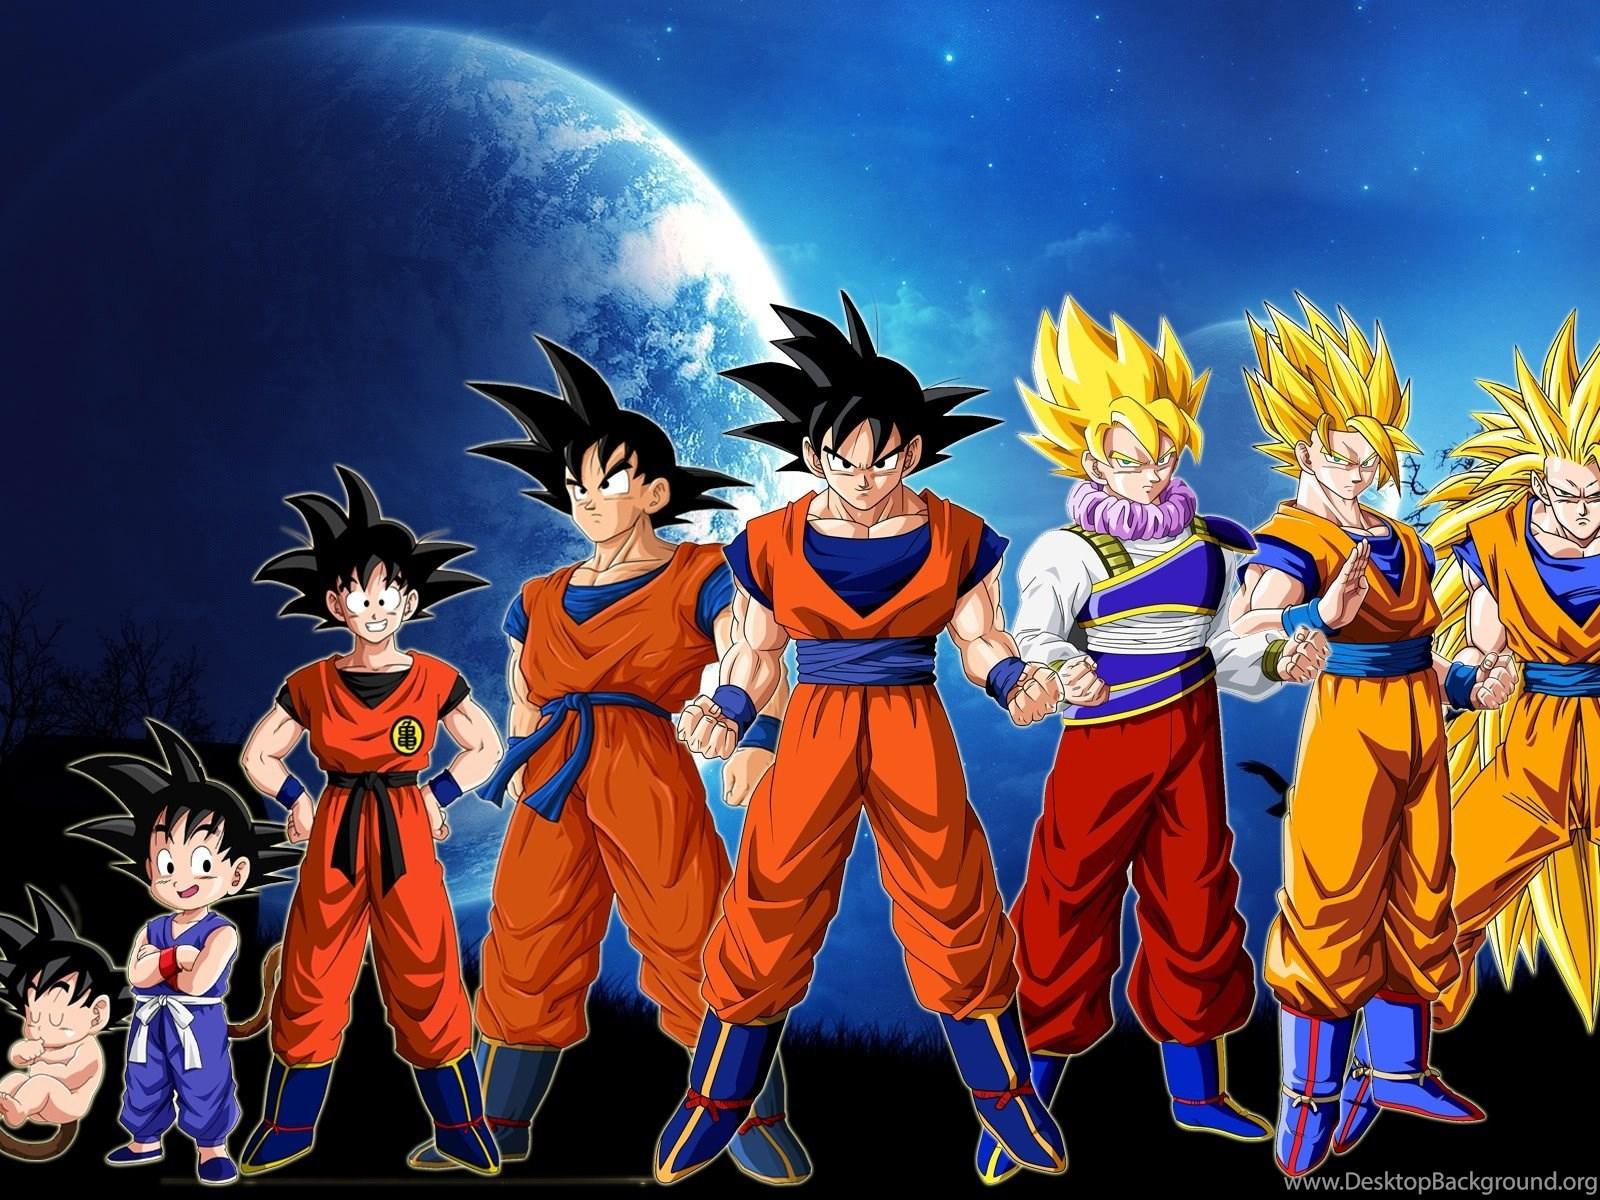 Moon Son Goku Evolution Dragon Ball Z Super Saiyan Wallpapers